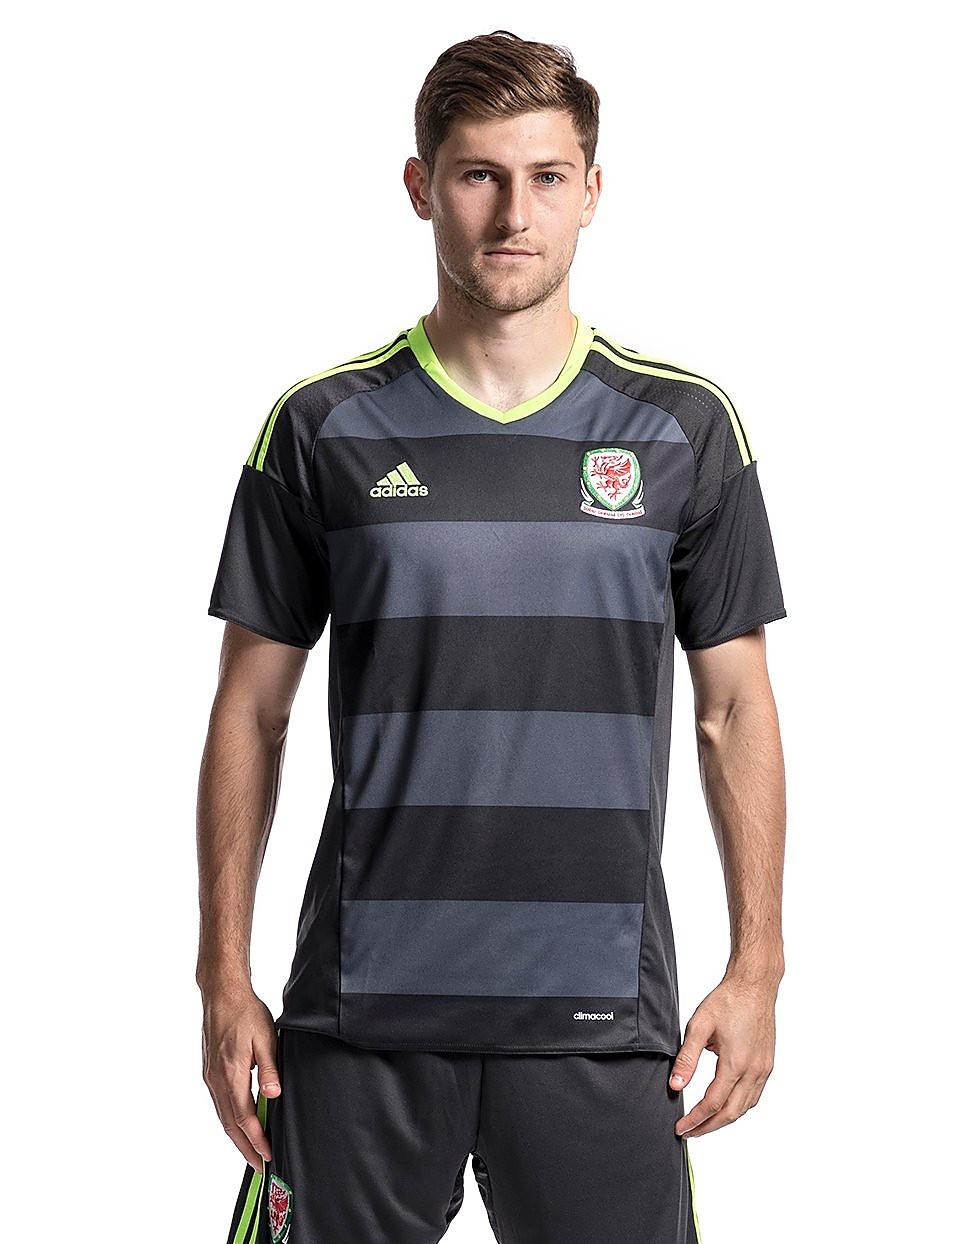 adidas Camiseta de la 2ª equipación del FA Wales 2016